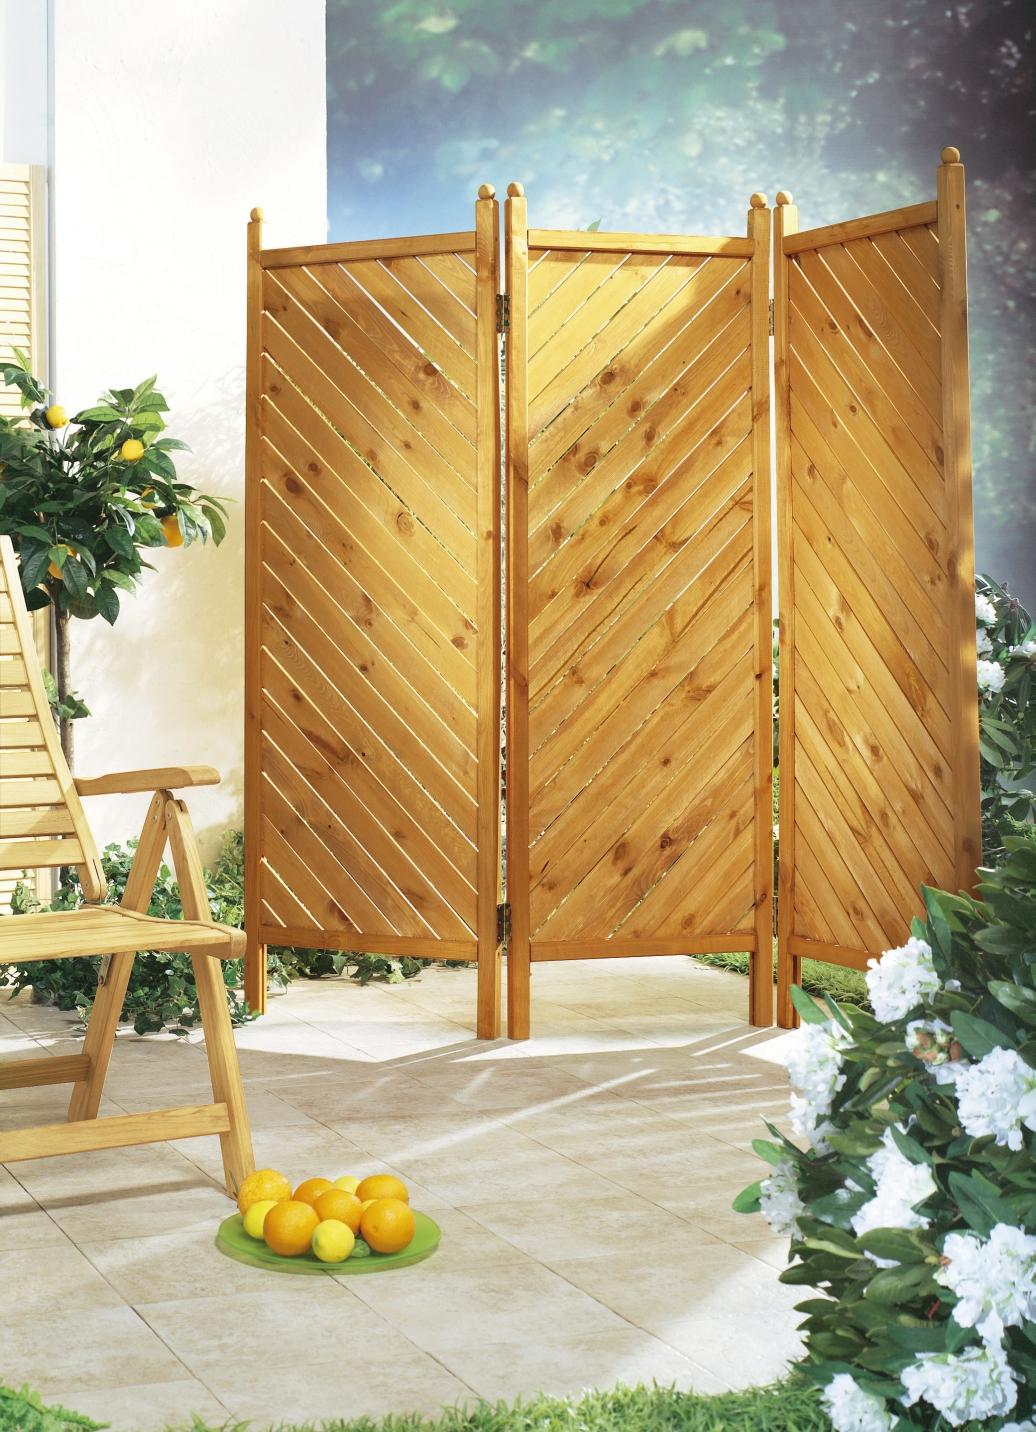 paravent aus massiver kiefer oder fichte sichtschutz und sonnenschutz bader. Black Bedroom Furniture Sets. Home Design Ideas